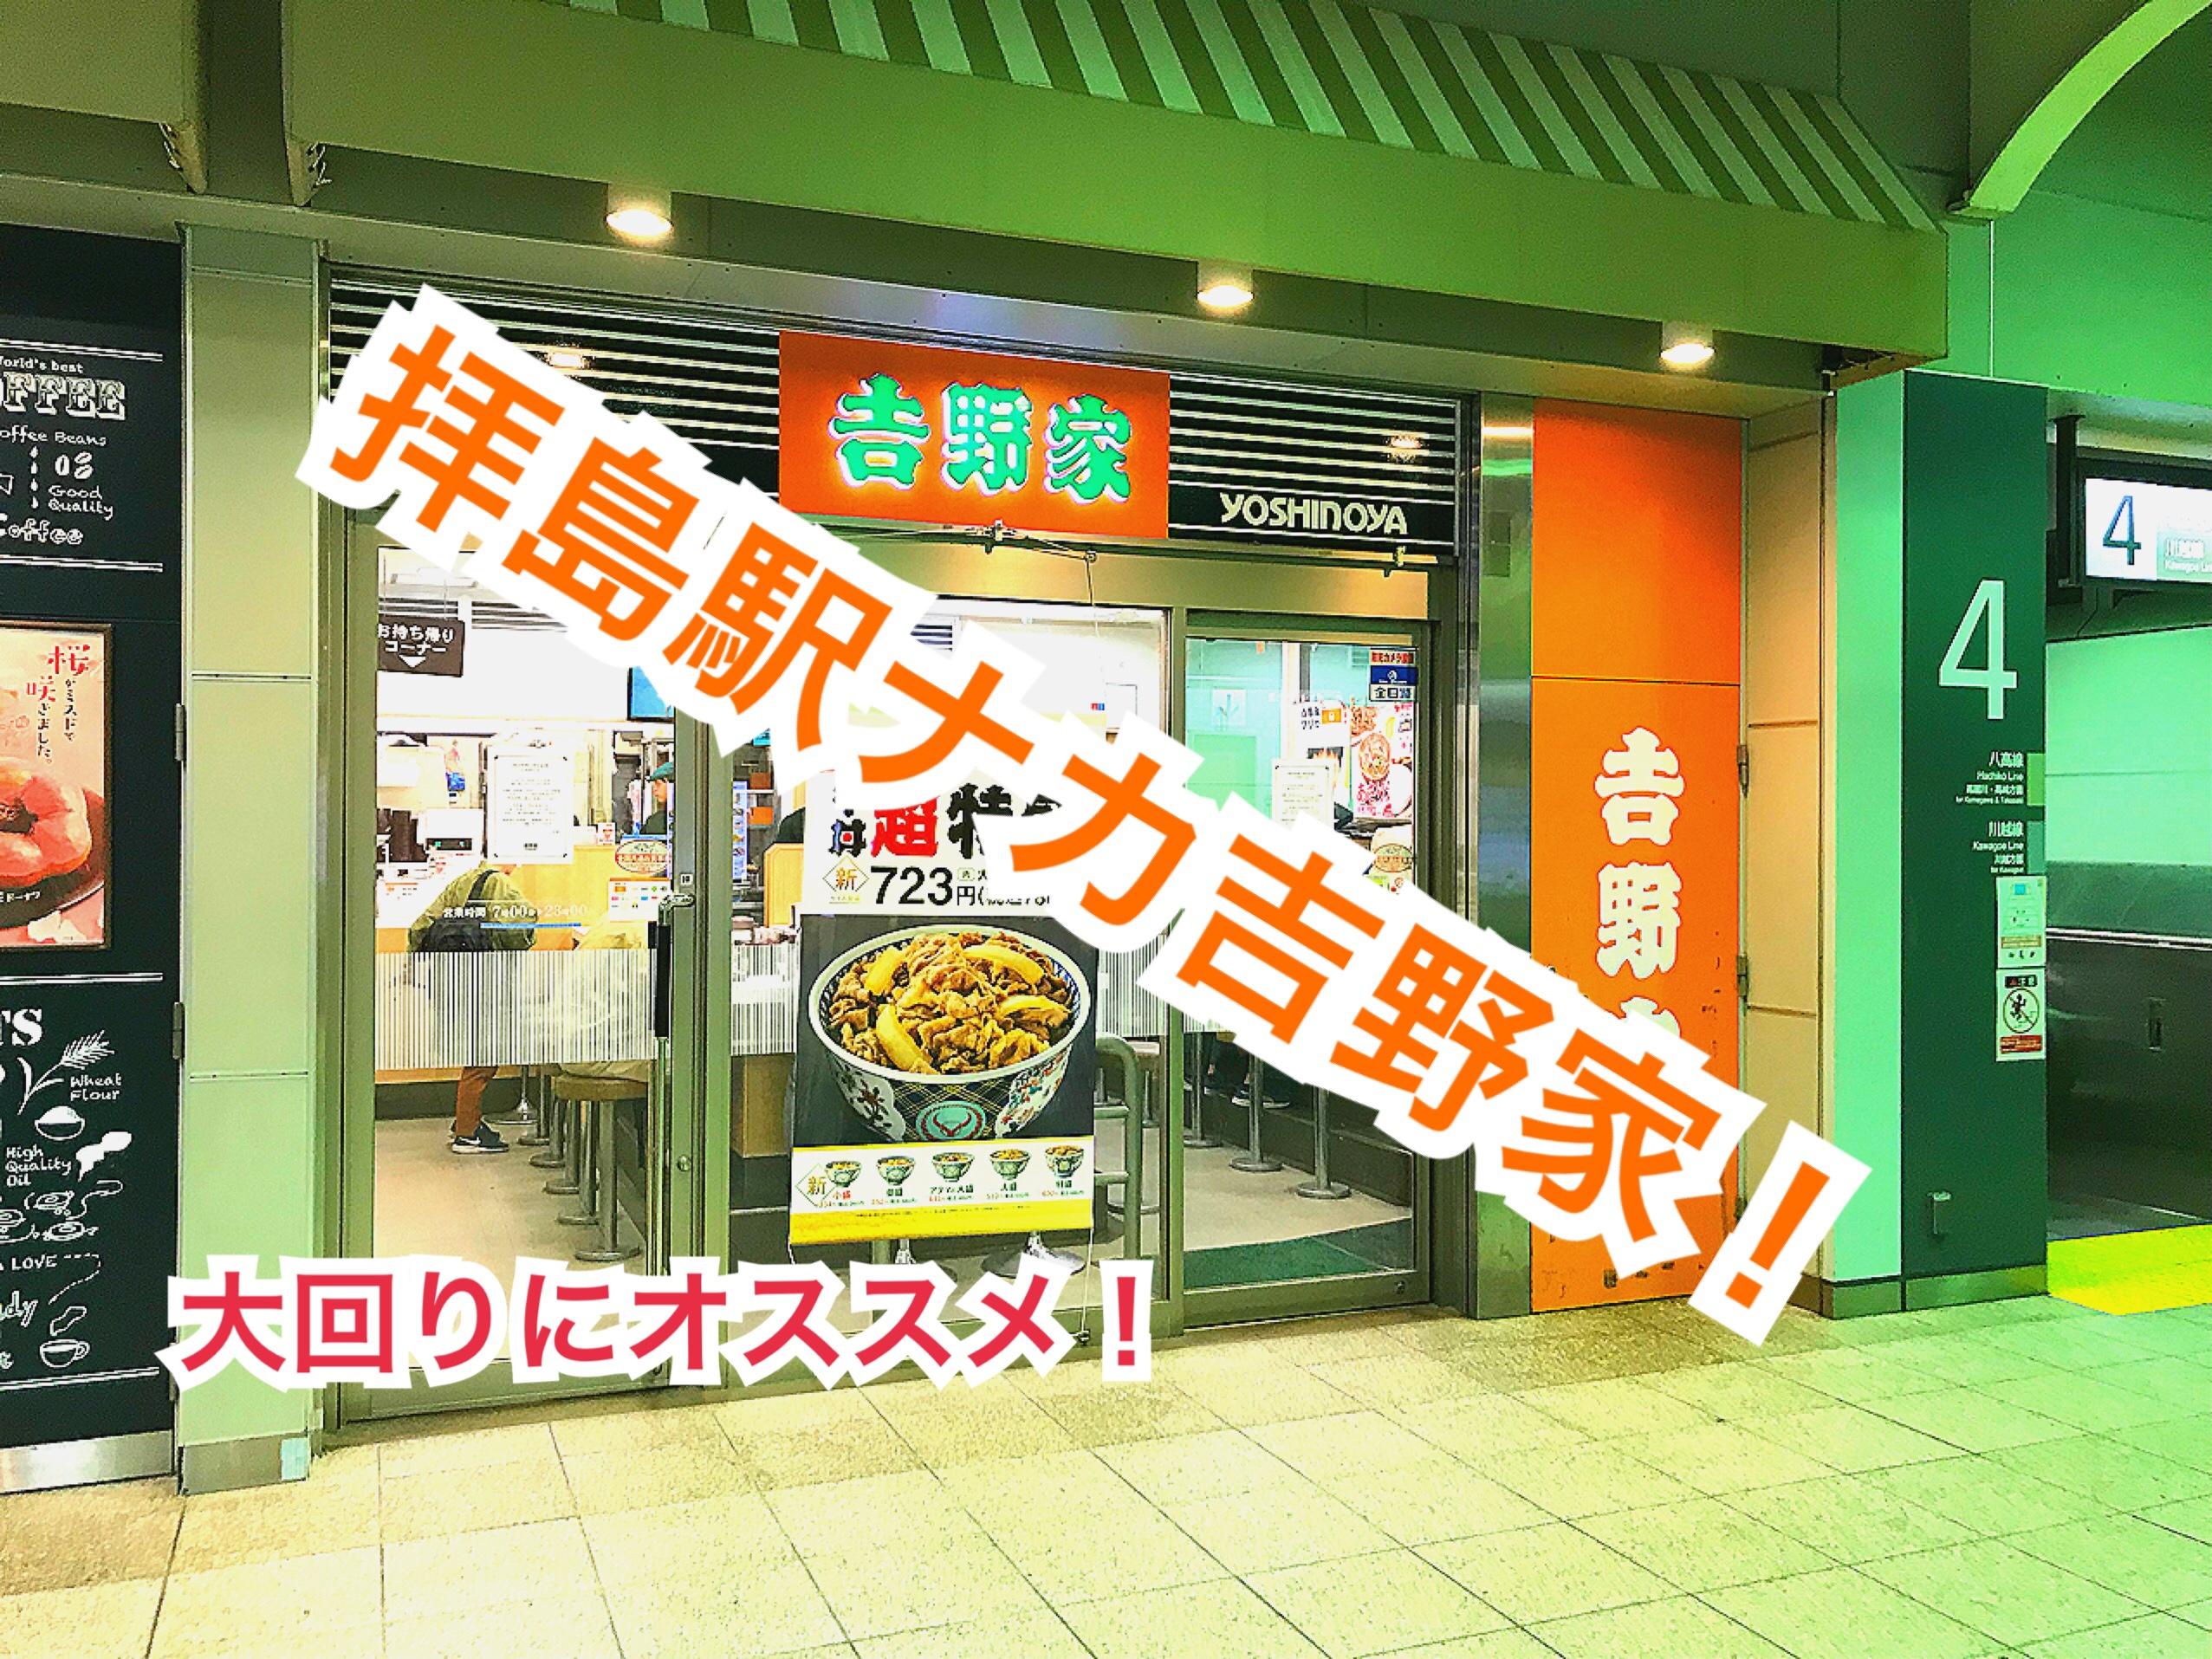 大回り乗車でオススメ!吉野家がある拝島駅の駅ナカ充実度は最強!!【関東めぐり千葉編】